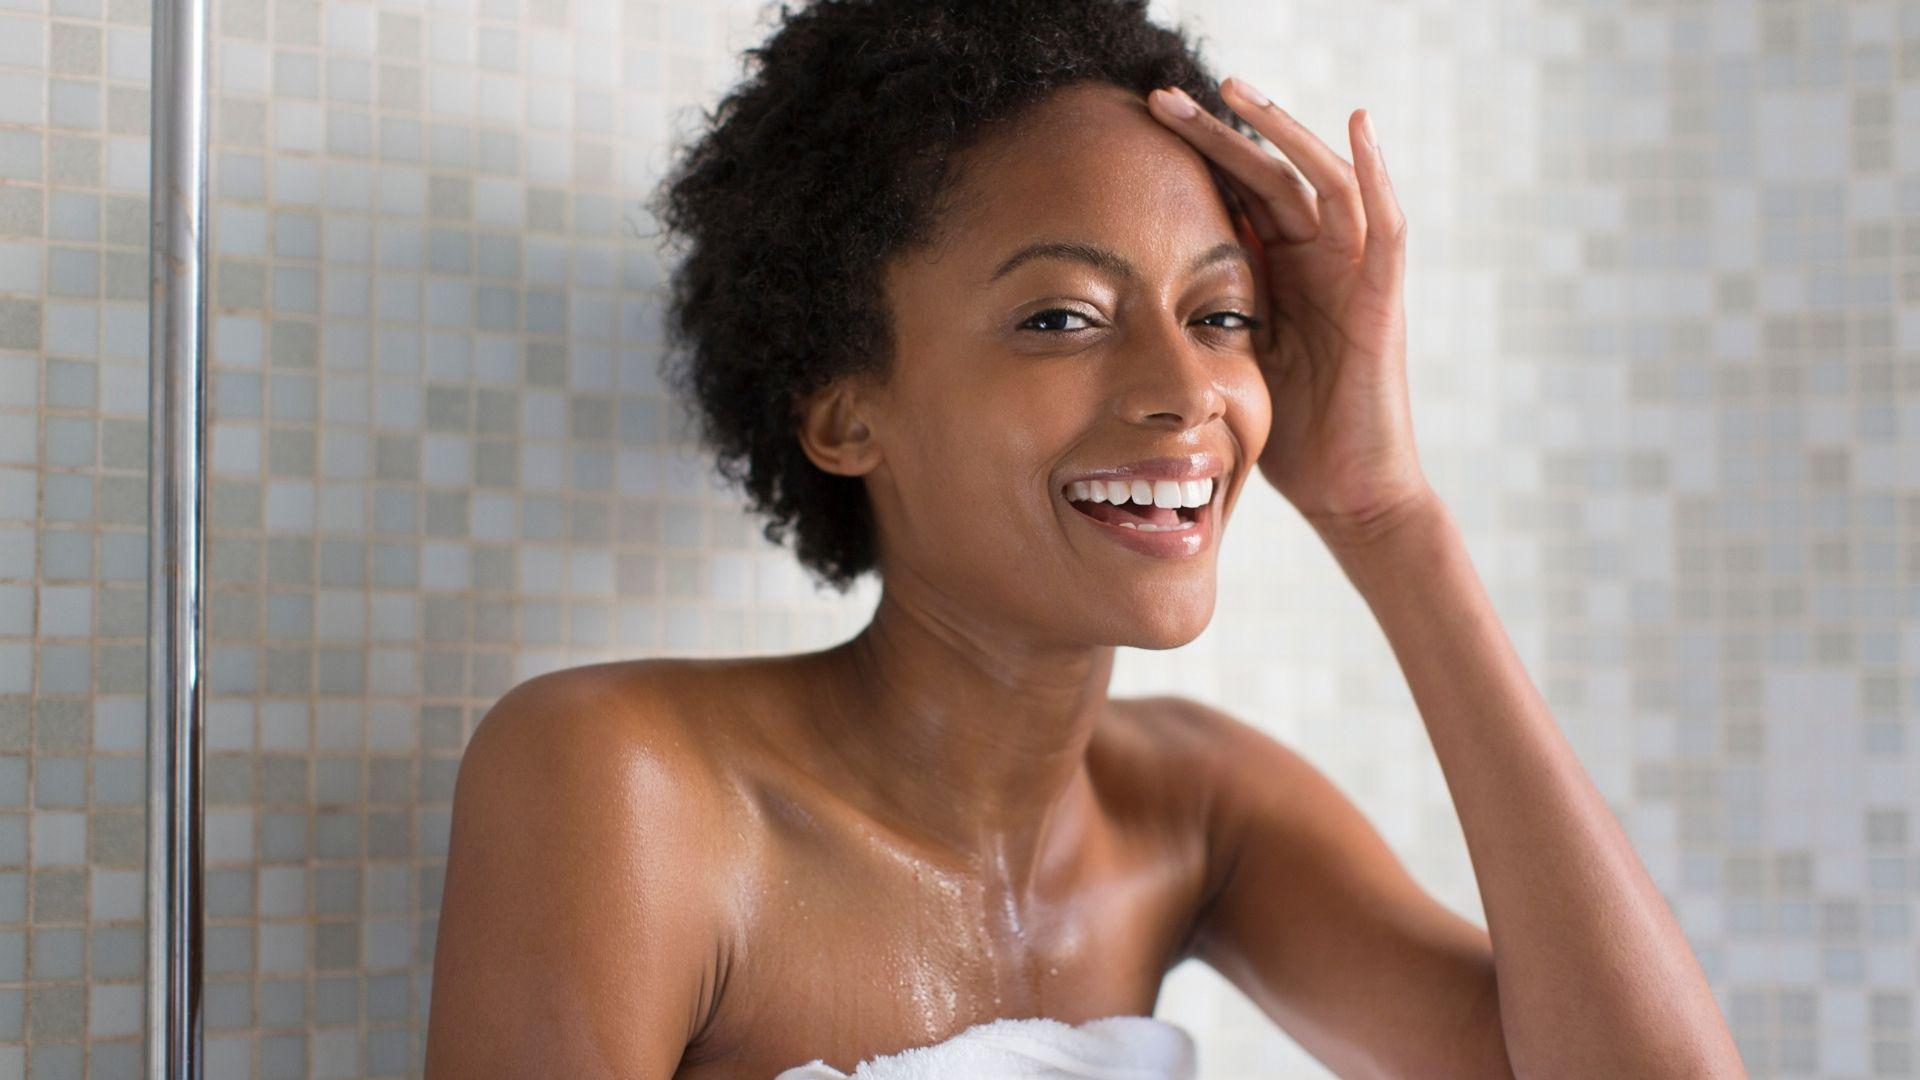 Femme avec des cheveux afro sous la douche, souriant